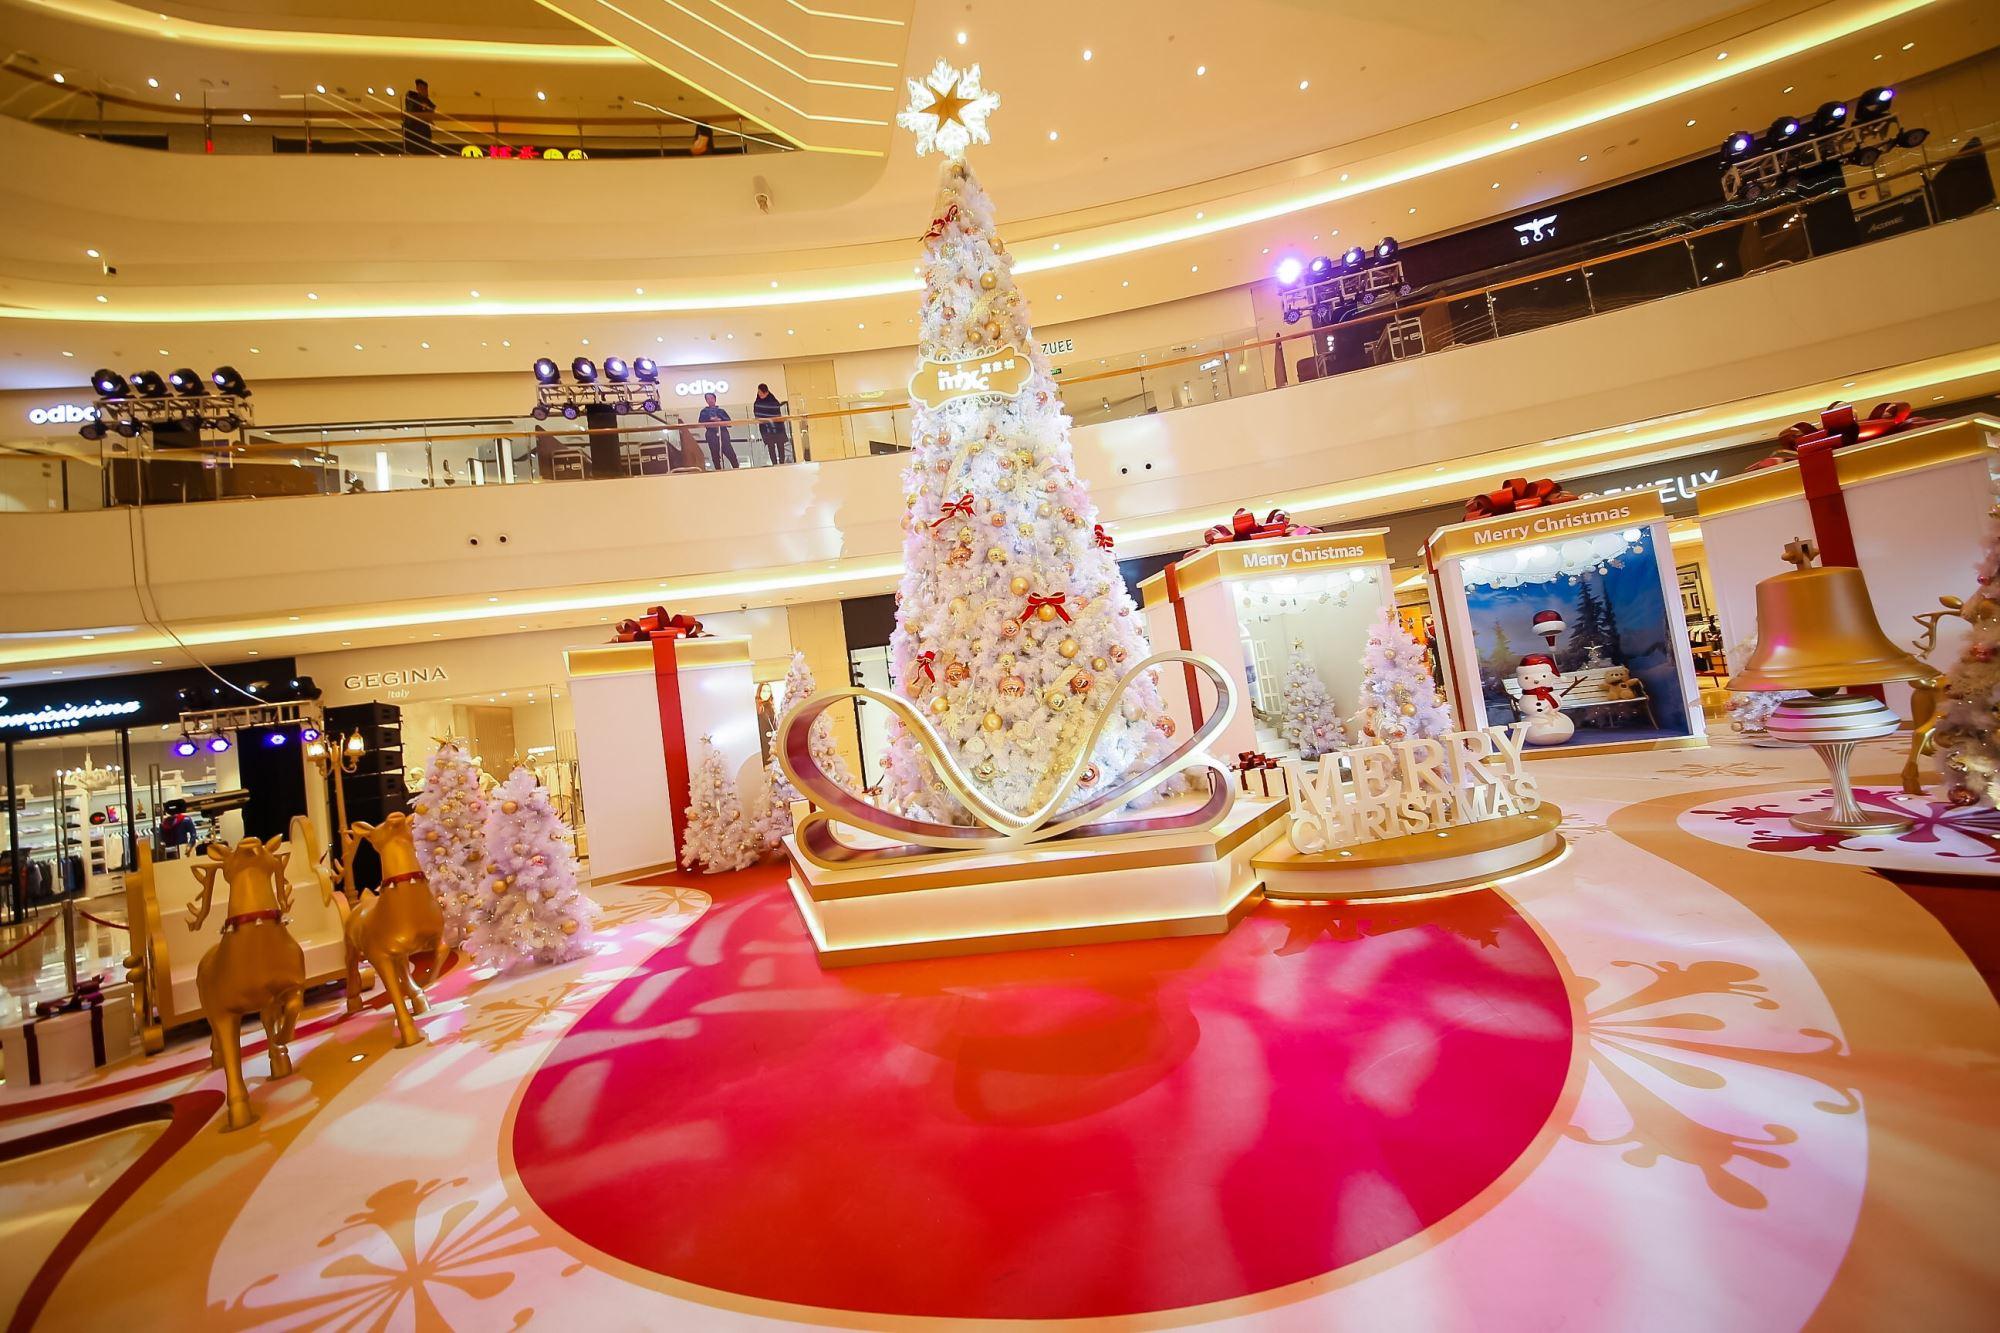 上海万象城圣诞